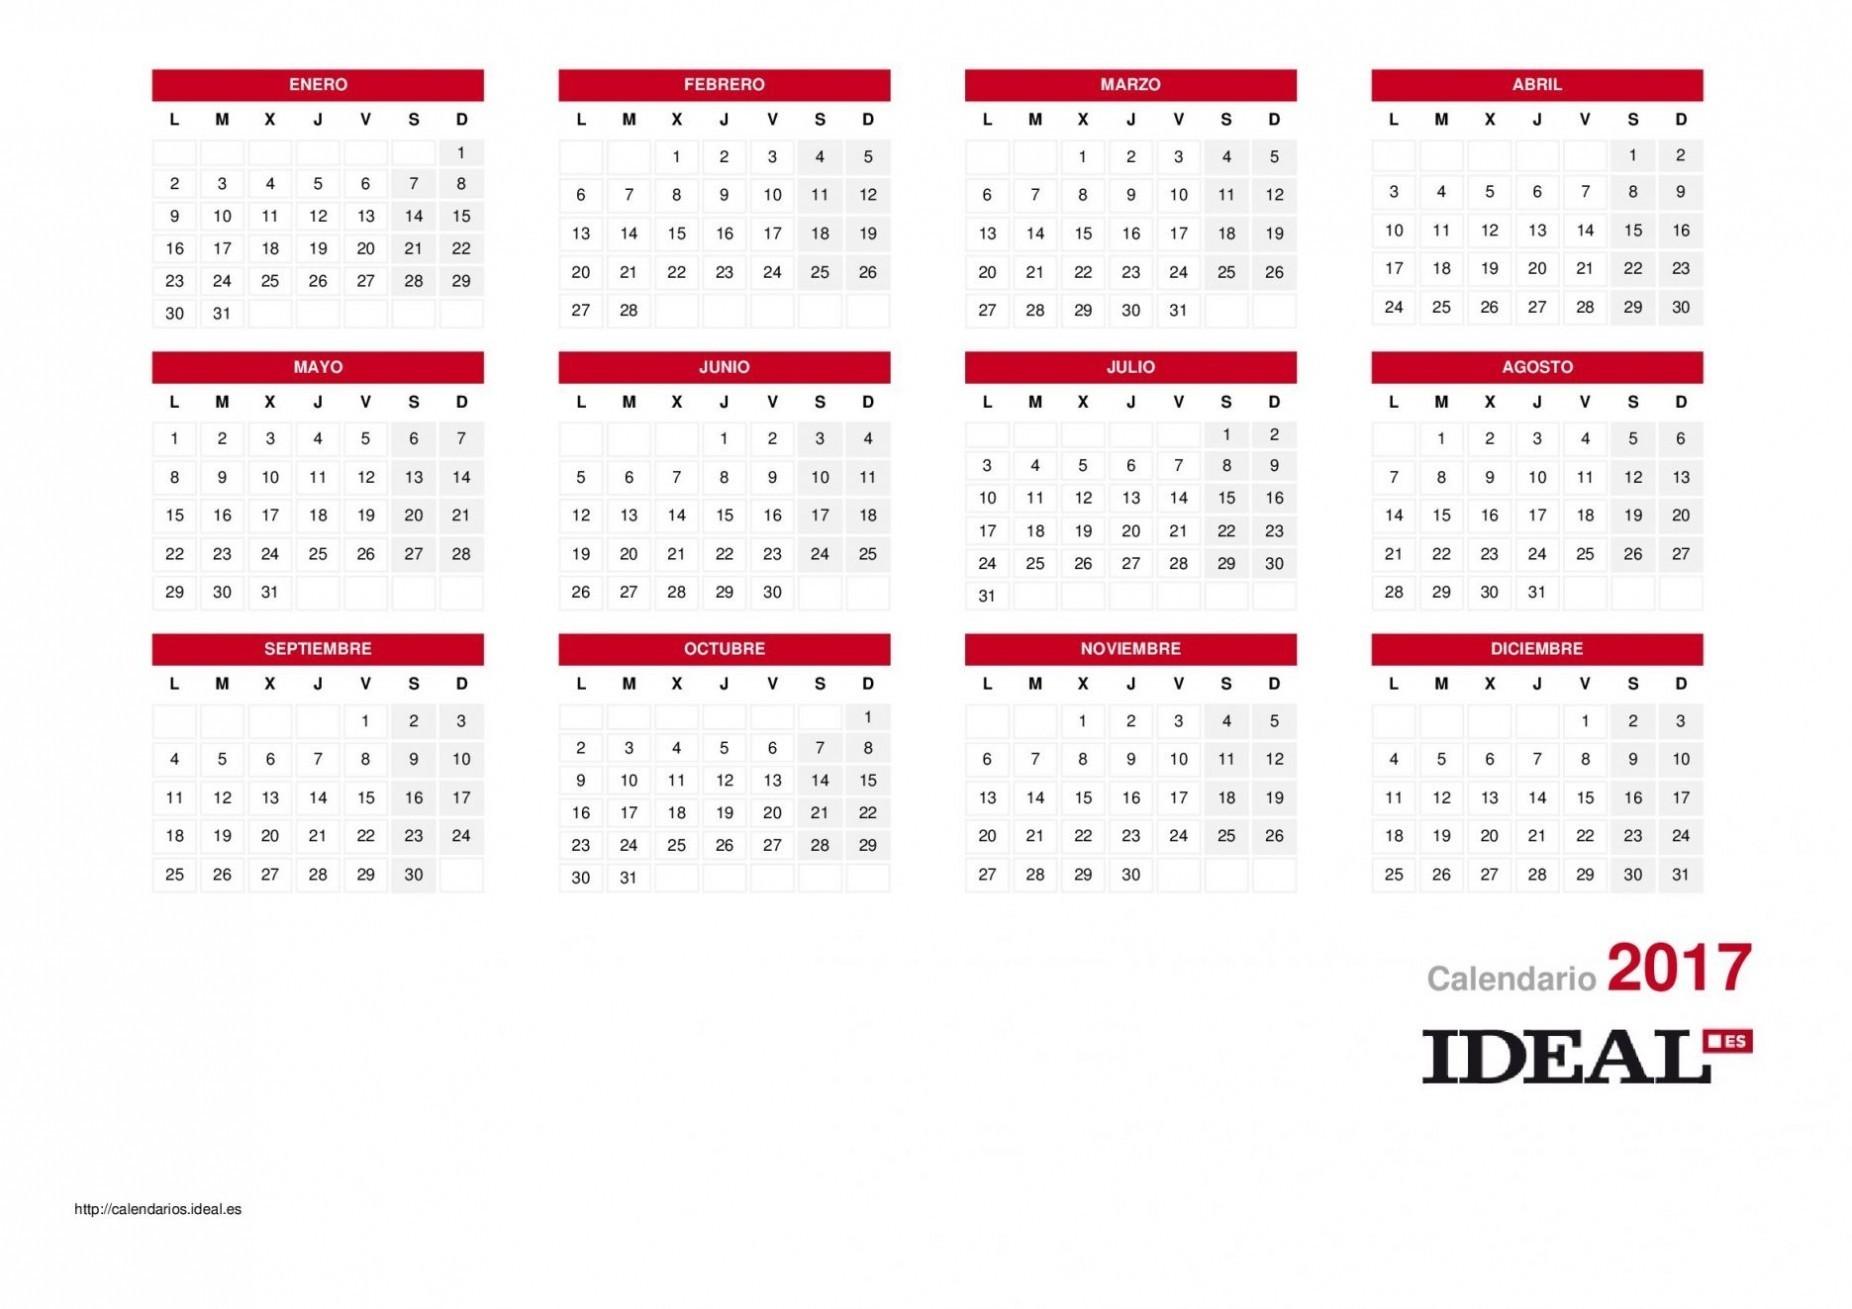 calendario 2019 colombia para imprimir word mas caliente observar calendario 2019 feriados colombia of calendario 2019 colombia para imprimir word